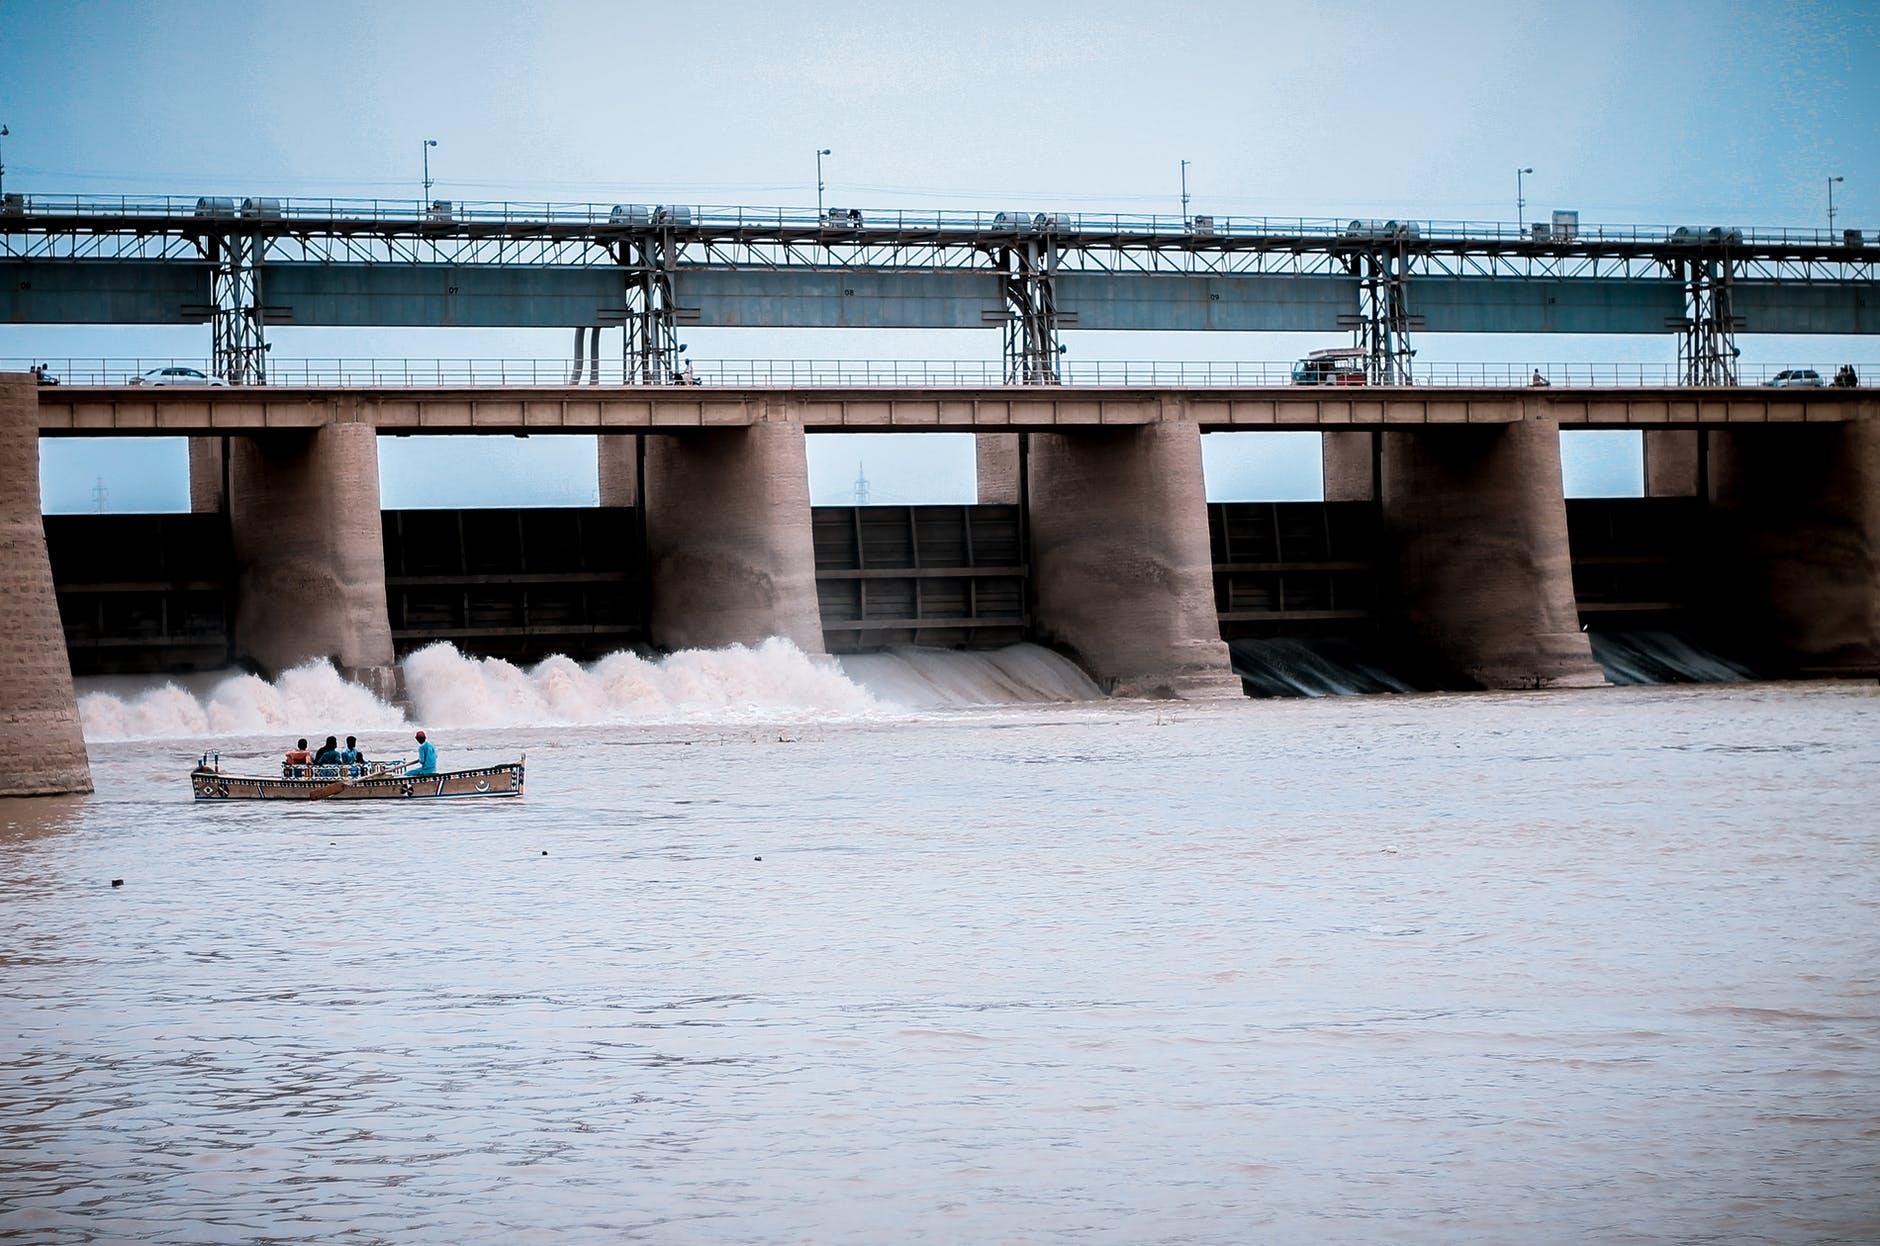 fotografía de presa hidroeléctrica